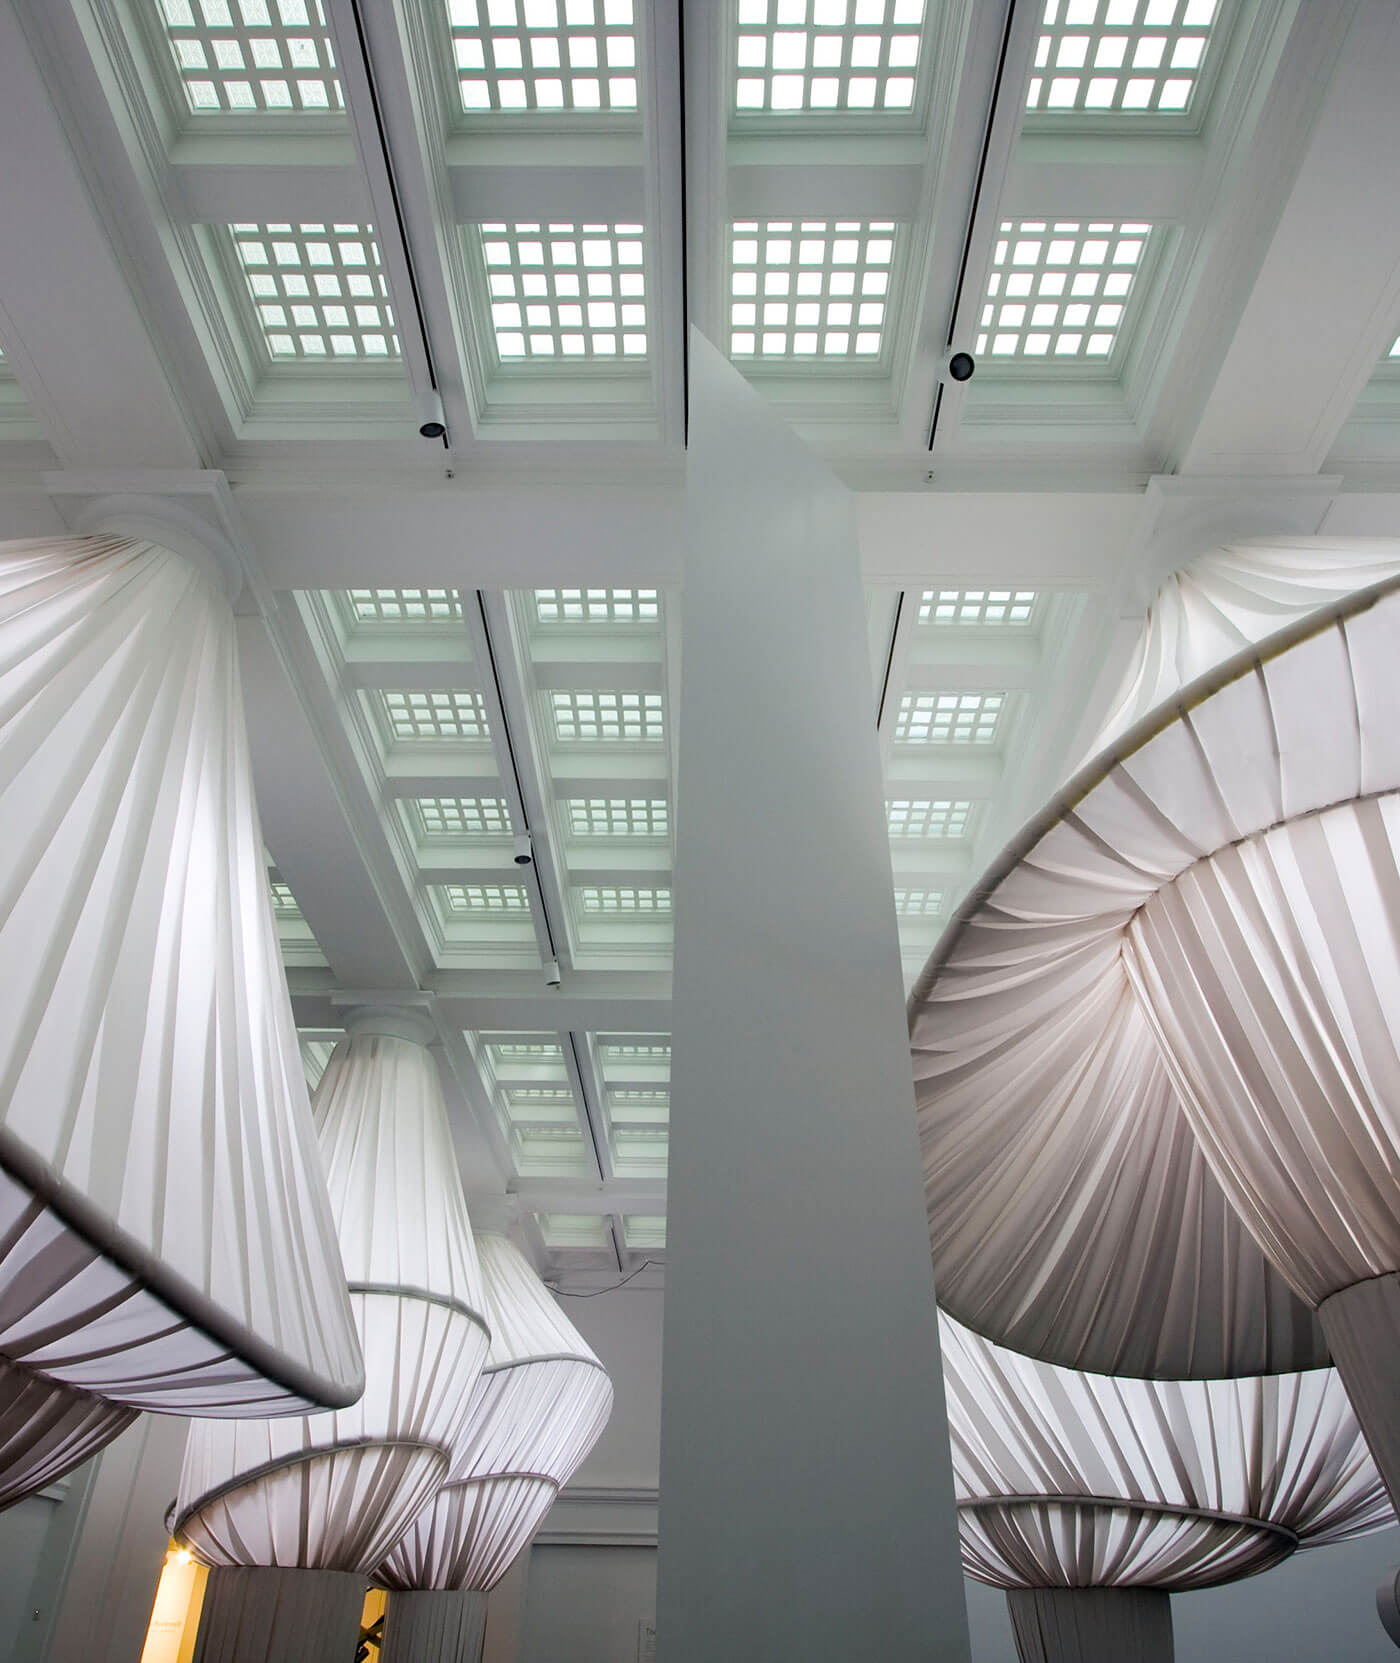 تمت إعادة ترتيب الديكور في متحف بروكلين بإبداعٍ فني من خلال استخدام 2000 ياردة من أقمشة سنبريلا